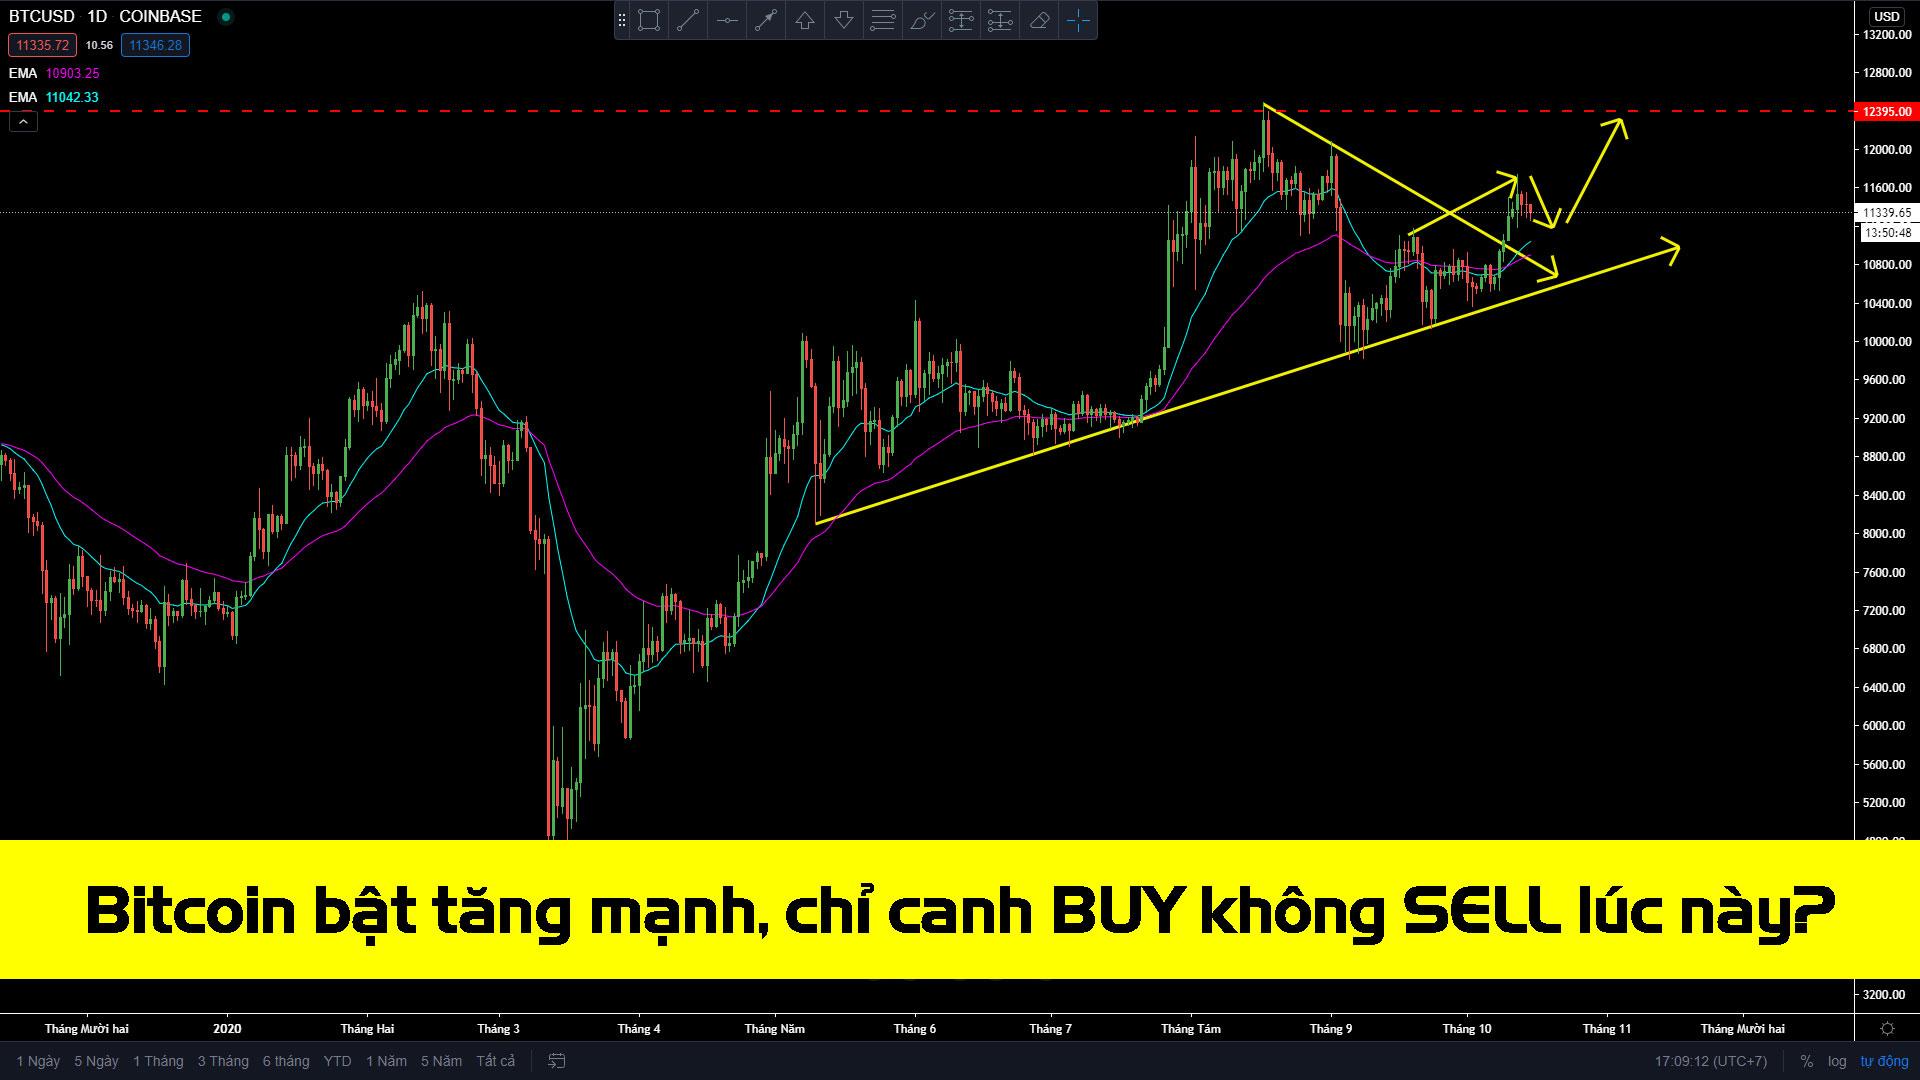 Photo of Bitcoin bật tăng mạnh, tiếp tục canh Buy, thừa thắng xông lên?